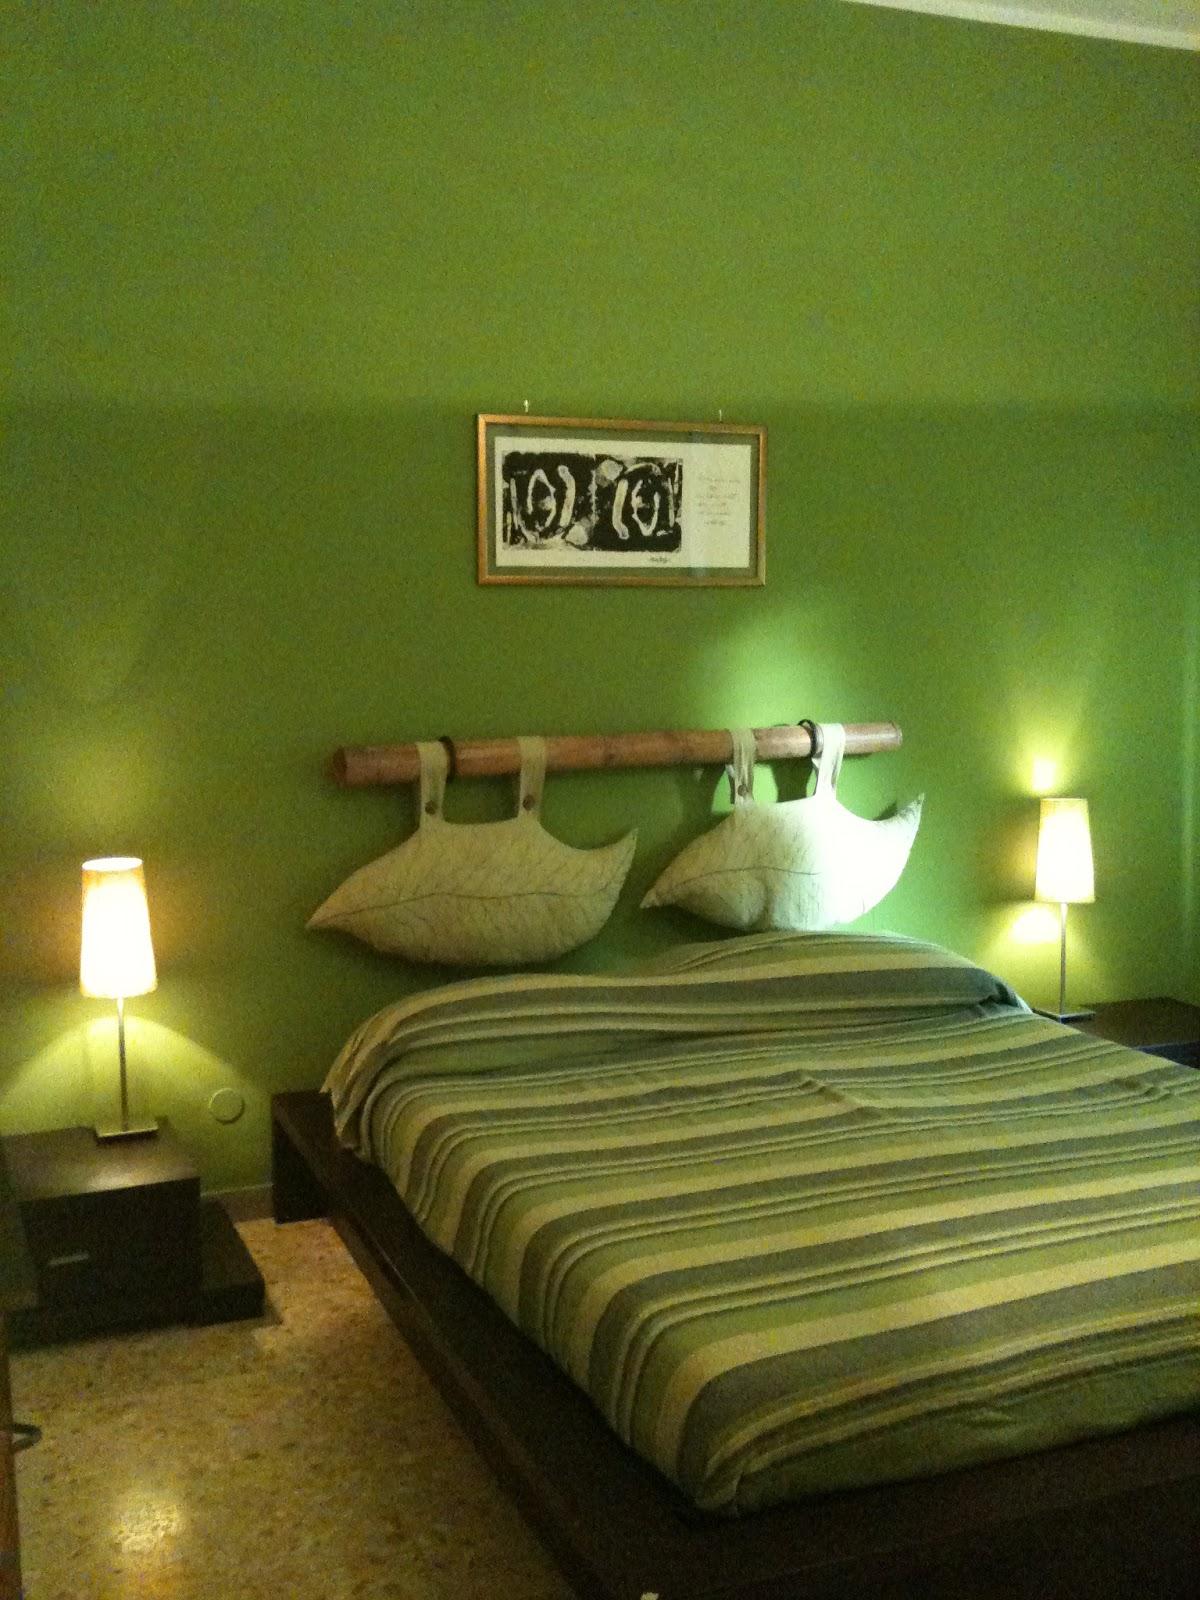 Giosssdecora la camera da letto - Camera di letto usato ...